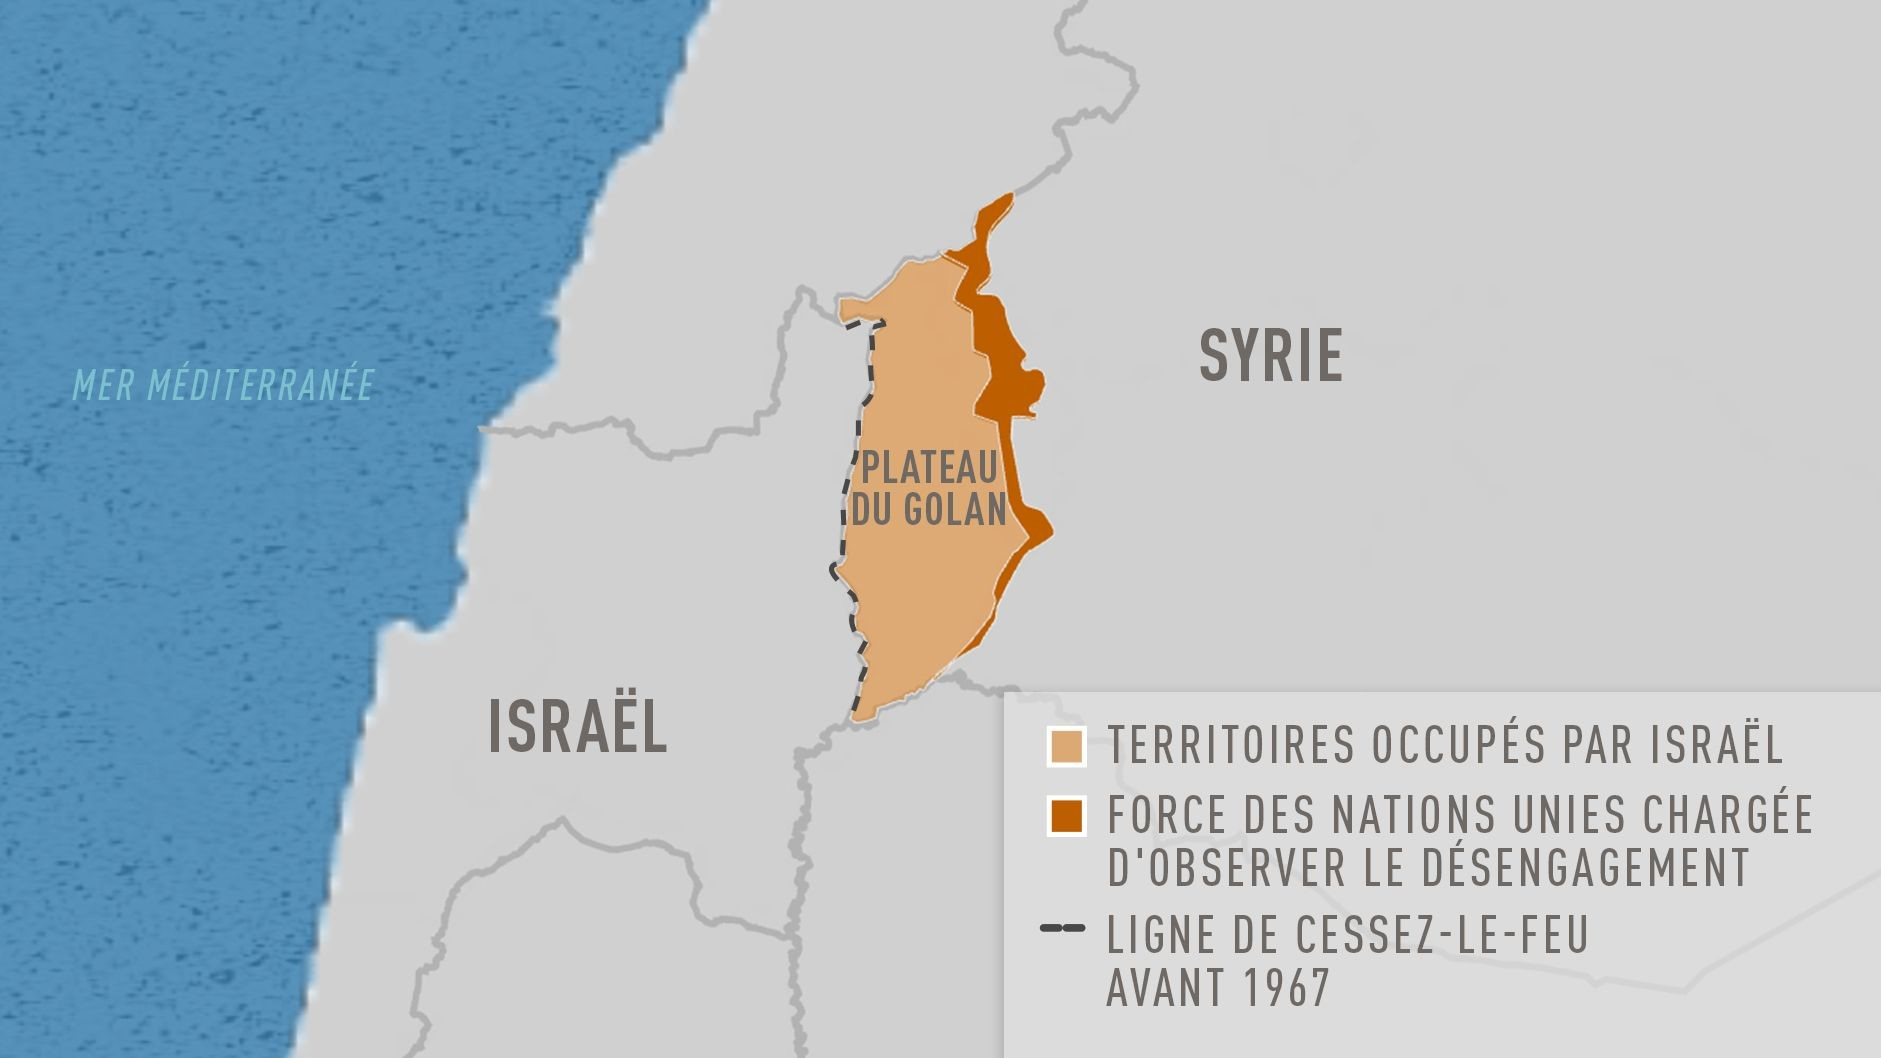 L'armée syrienne annonce avoir abattu deux appareils militaires israéliens, Tsahal dément